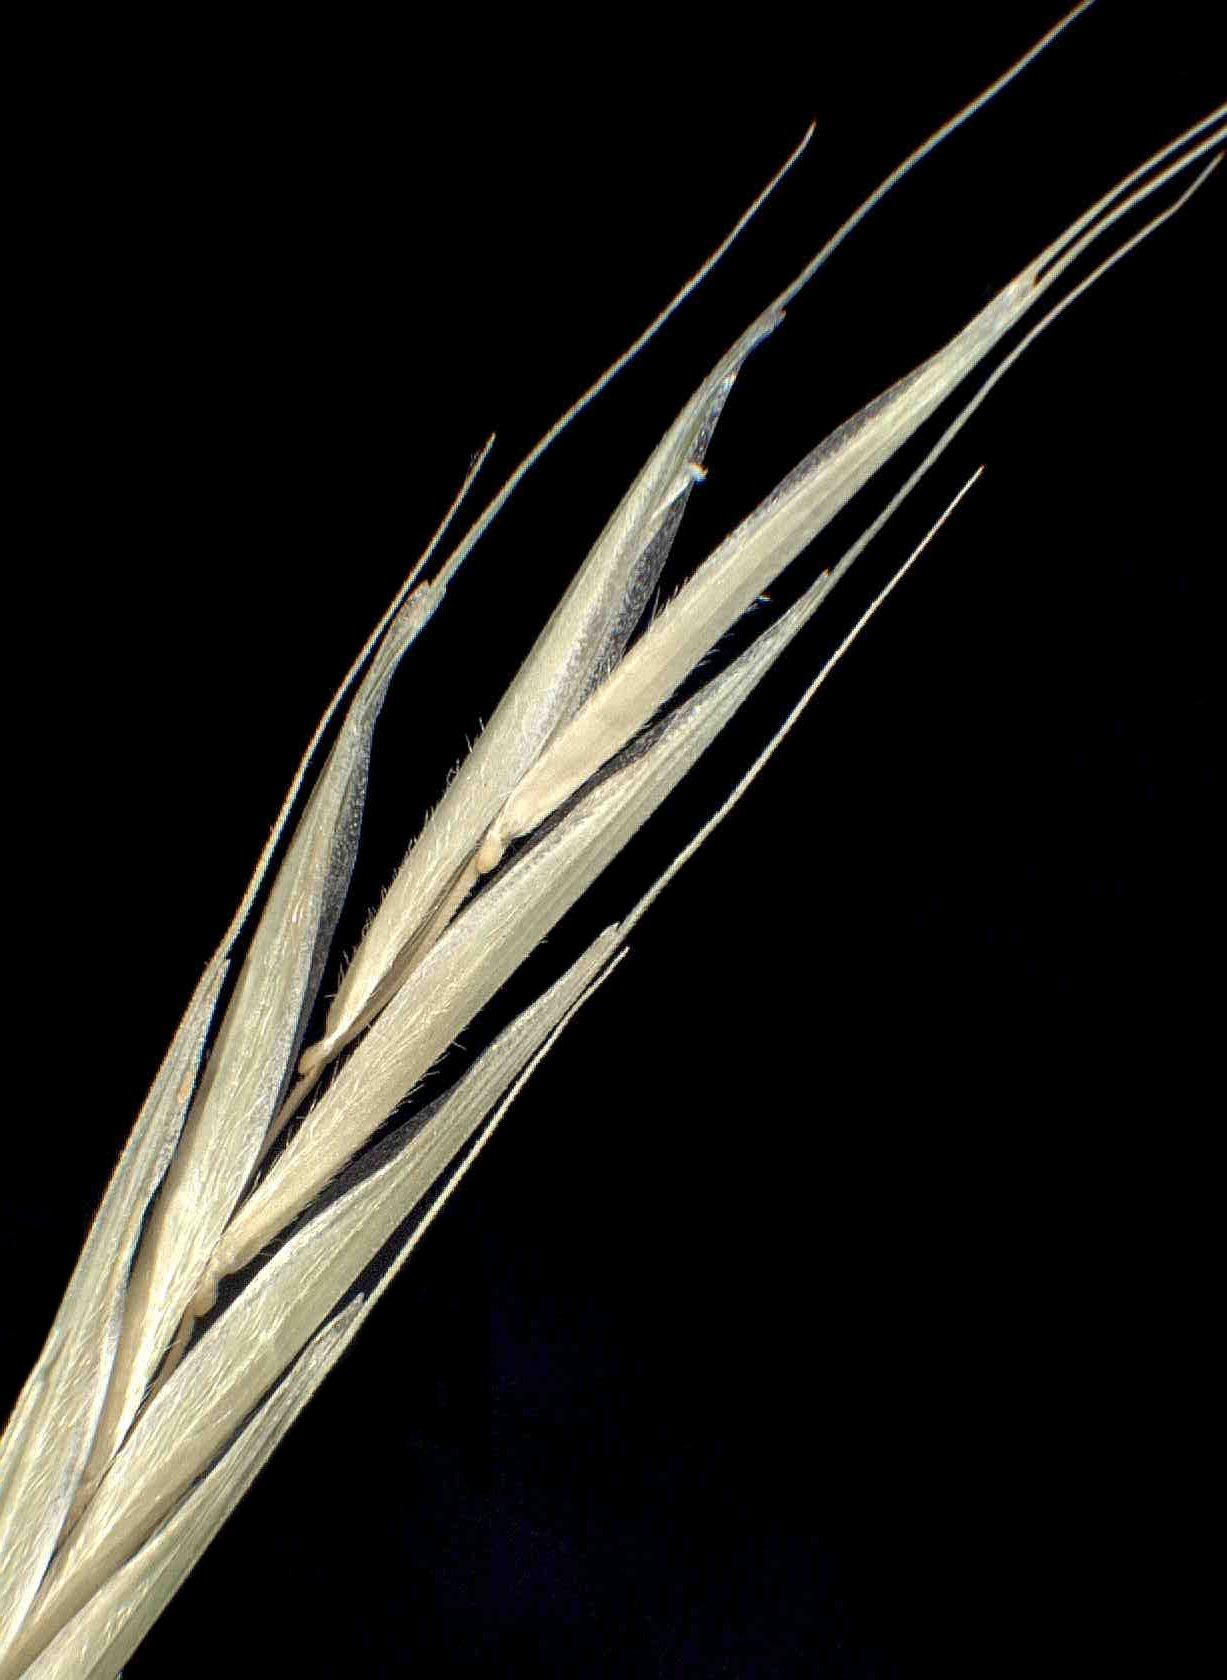 © Dipartimento di Scienze della Vita, Università degli Studi di Trieste<br>by Andrea Moro<br>Comune di Ampezzo, località Oltris., UD, FVG, Italia, 12/12/04 0.00.00<br>Distributed under CC-BY-SA 4.0 license.